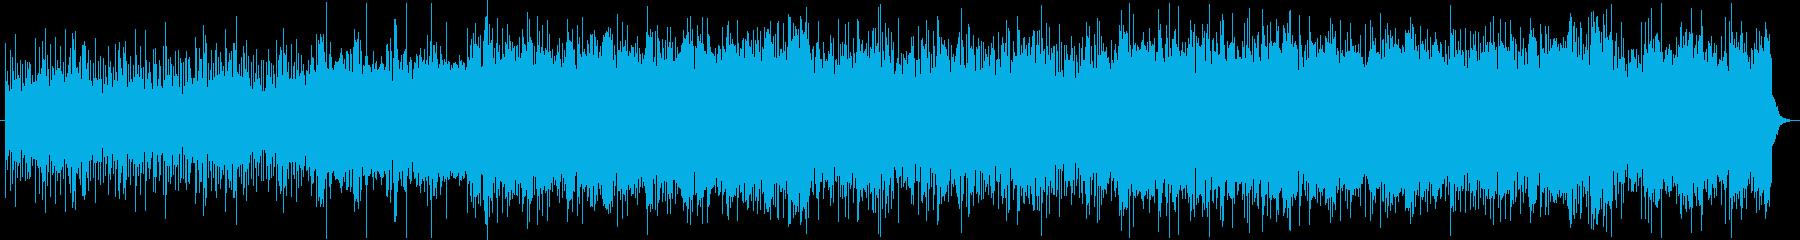 緊張感のある不穏なBGMの再生済みの波形